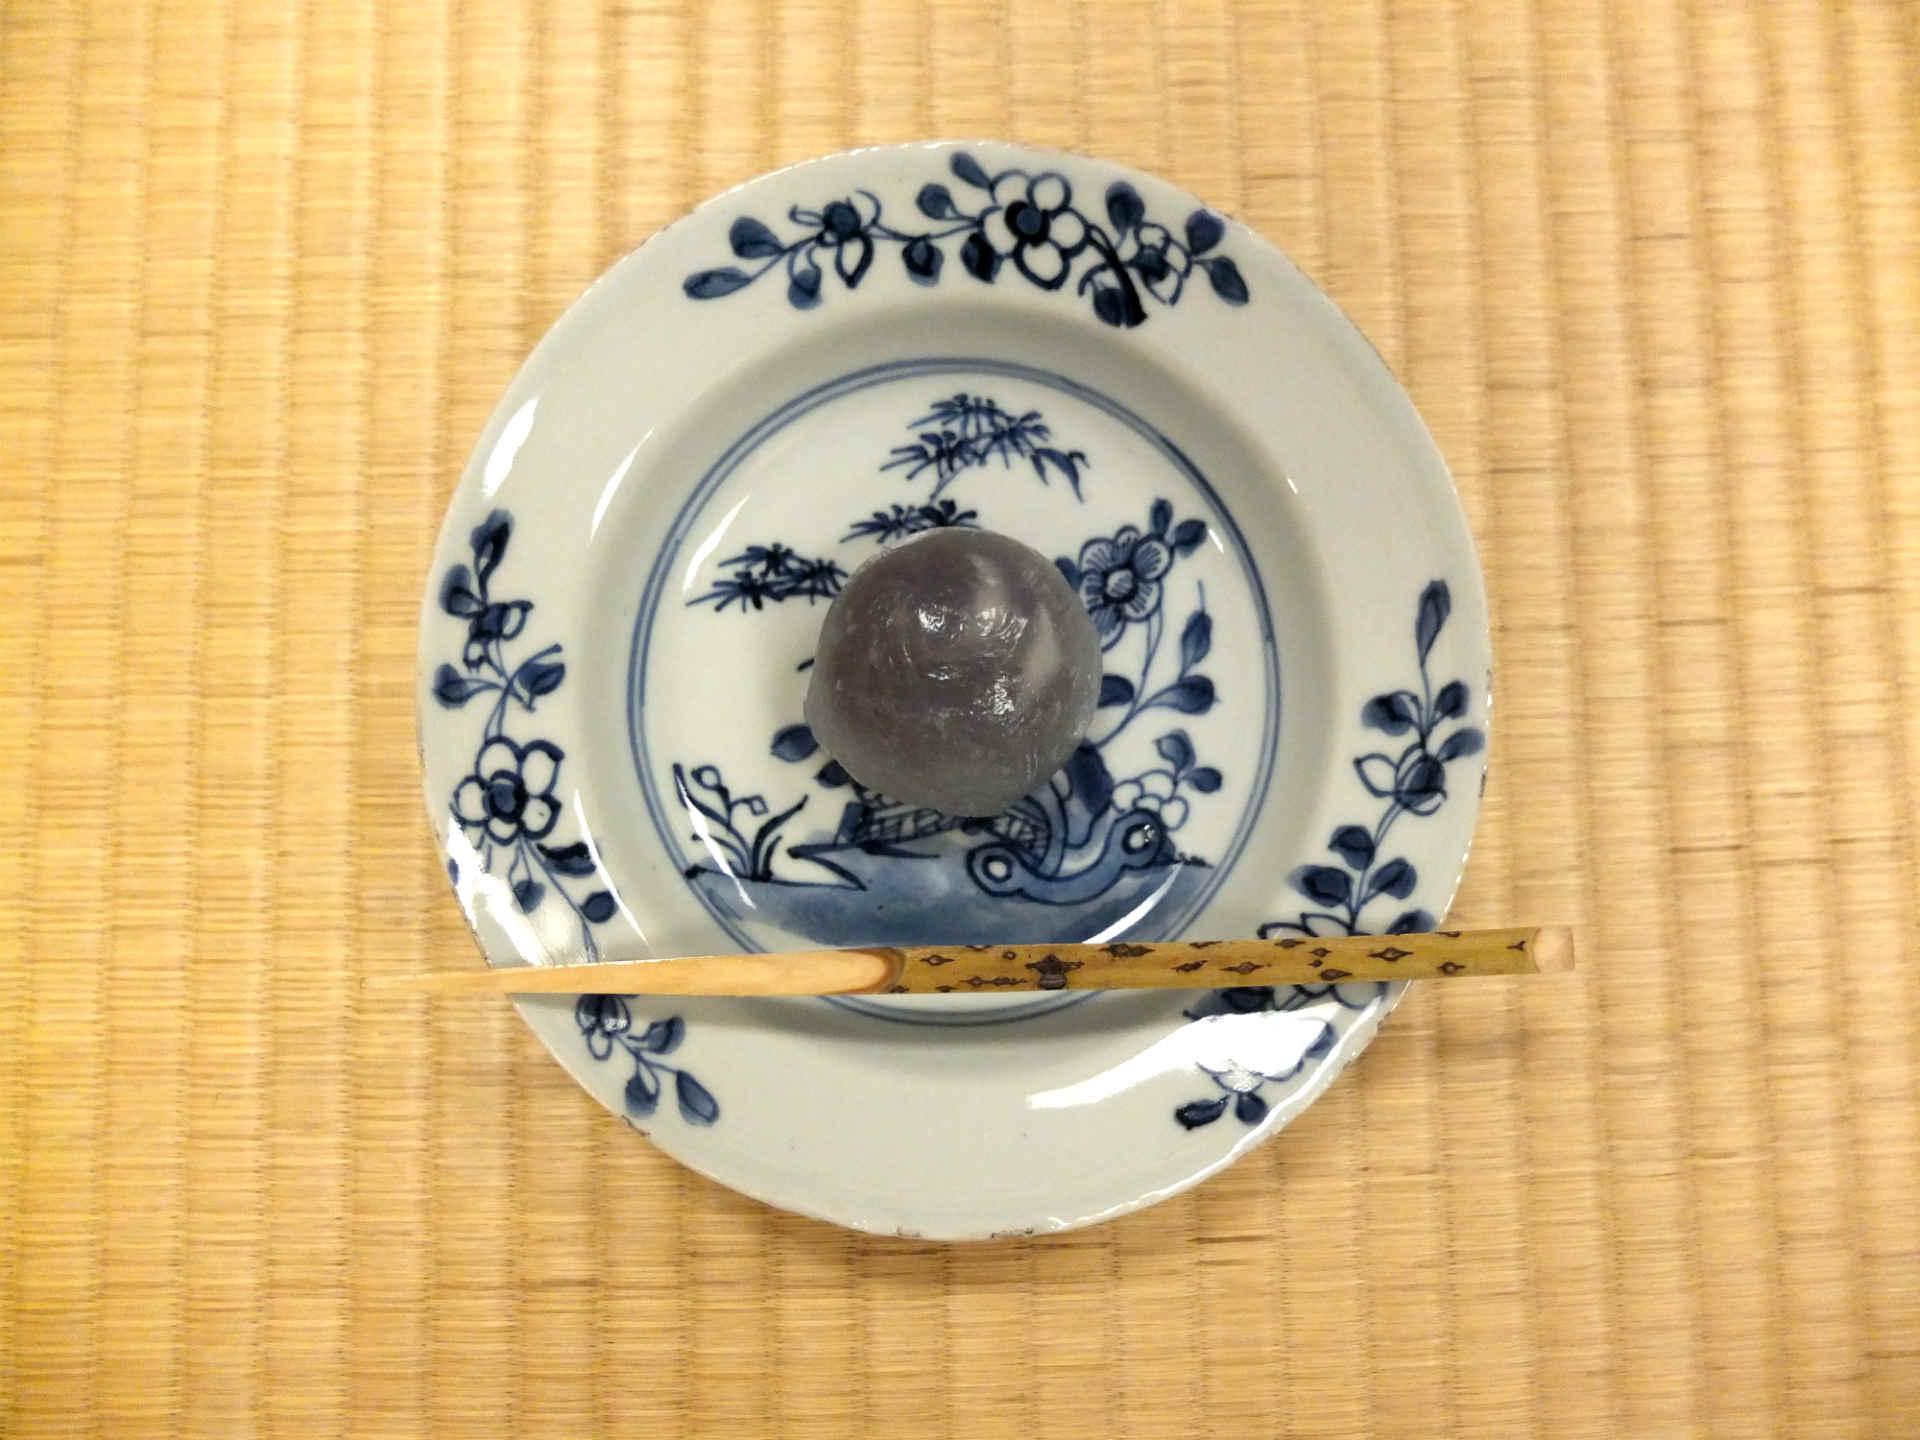 つやりとした樫舎さんの「初雁」が銘々皿によく映えます